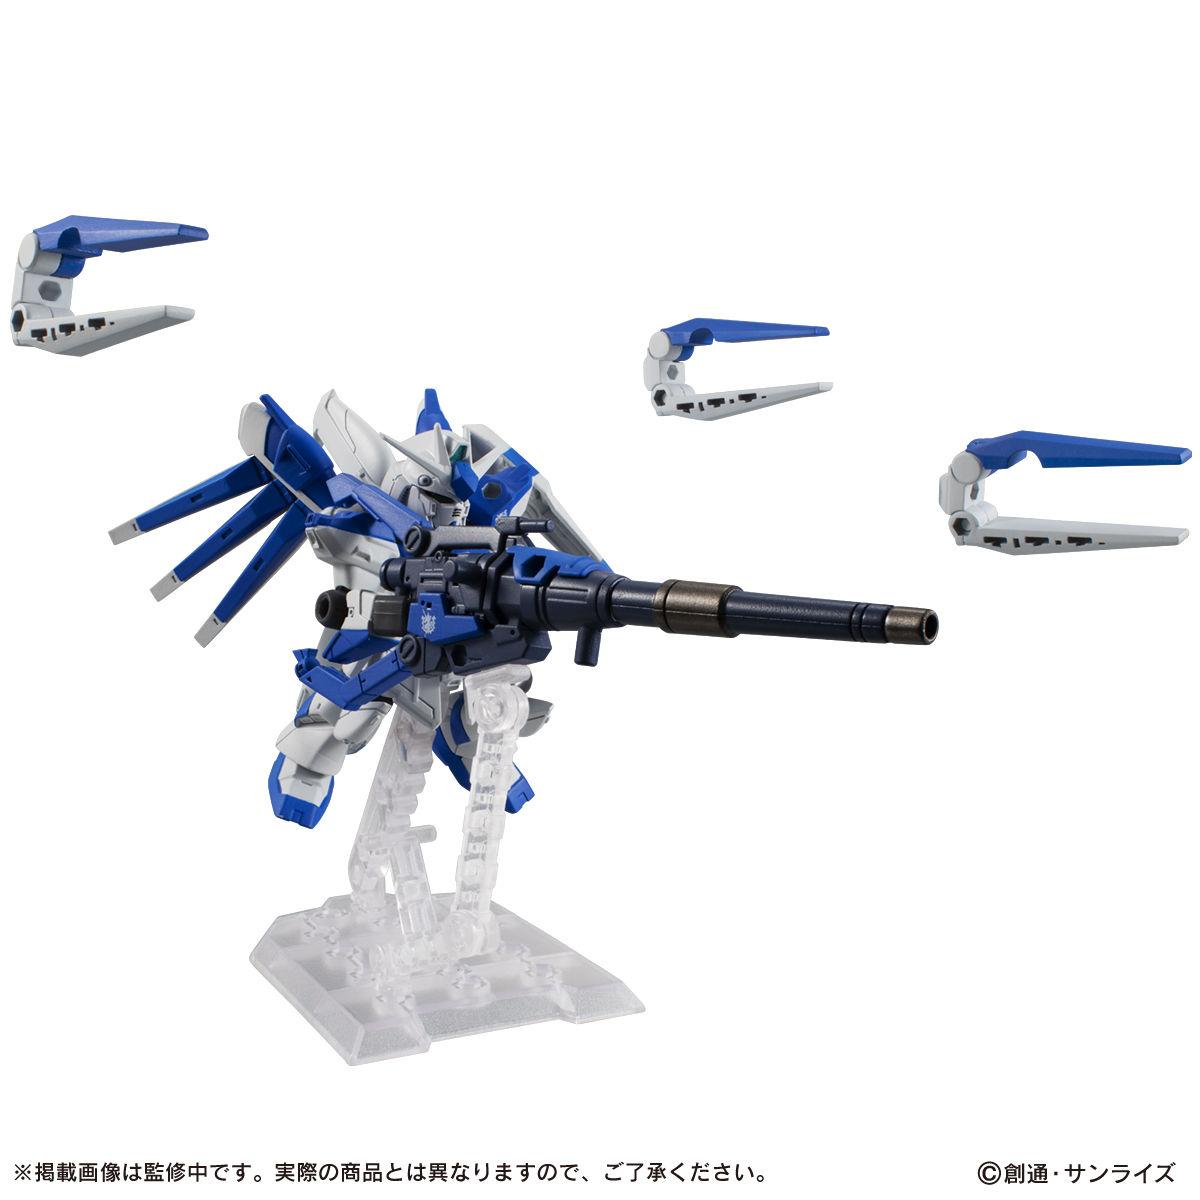 【限定販売】MOBILE SUIT ENSEMBLE『EX27 Hi-νガンダムセット』デフォルメ可動フィギュア-005